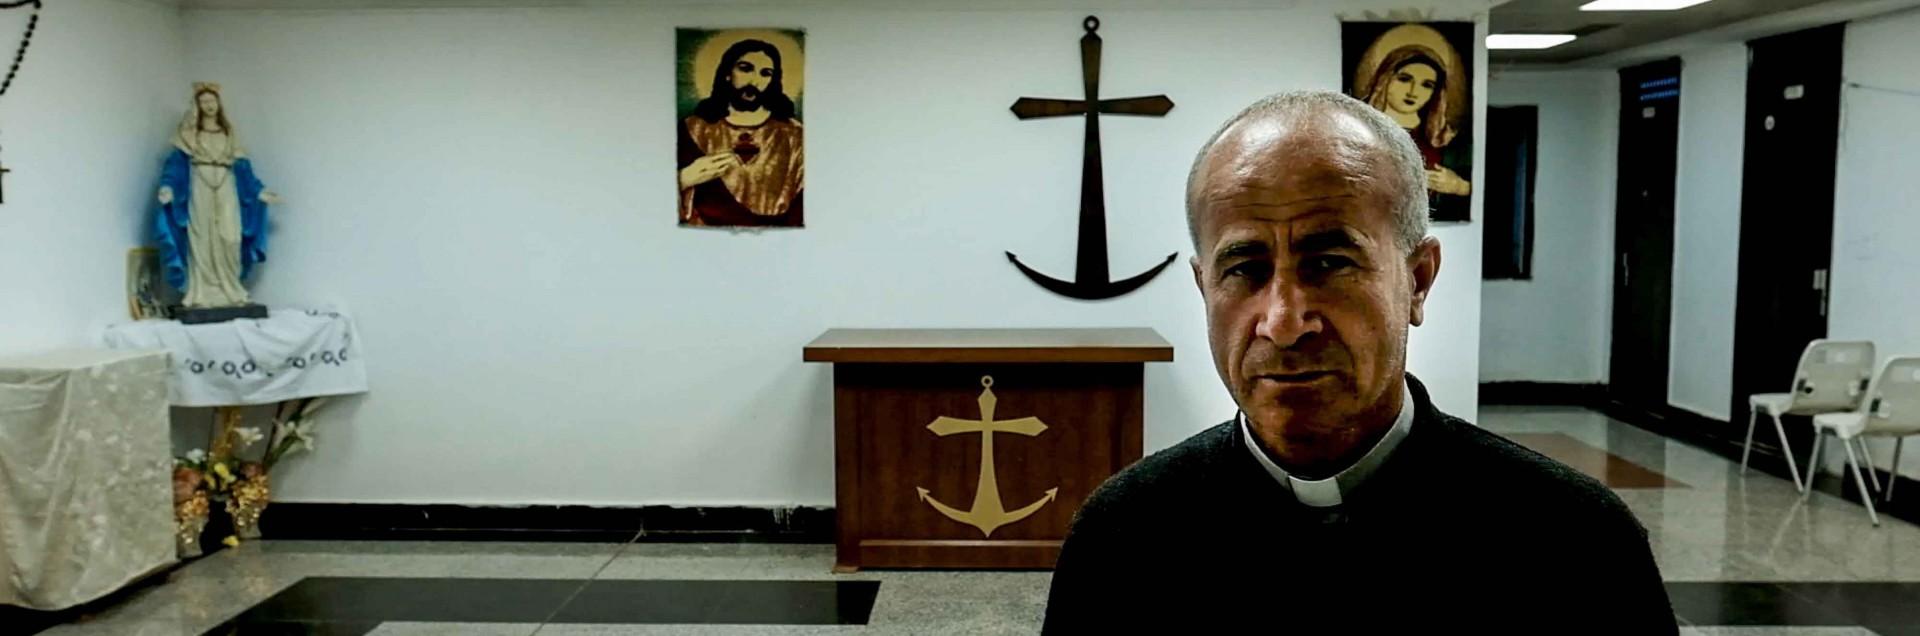 Così vivono i cristiani scampati a Isis